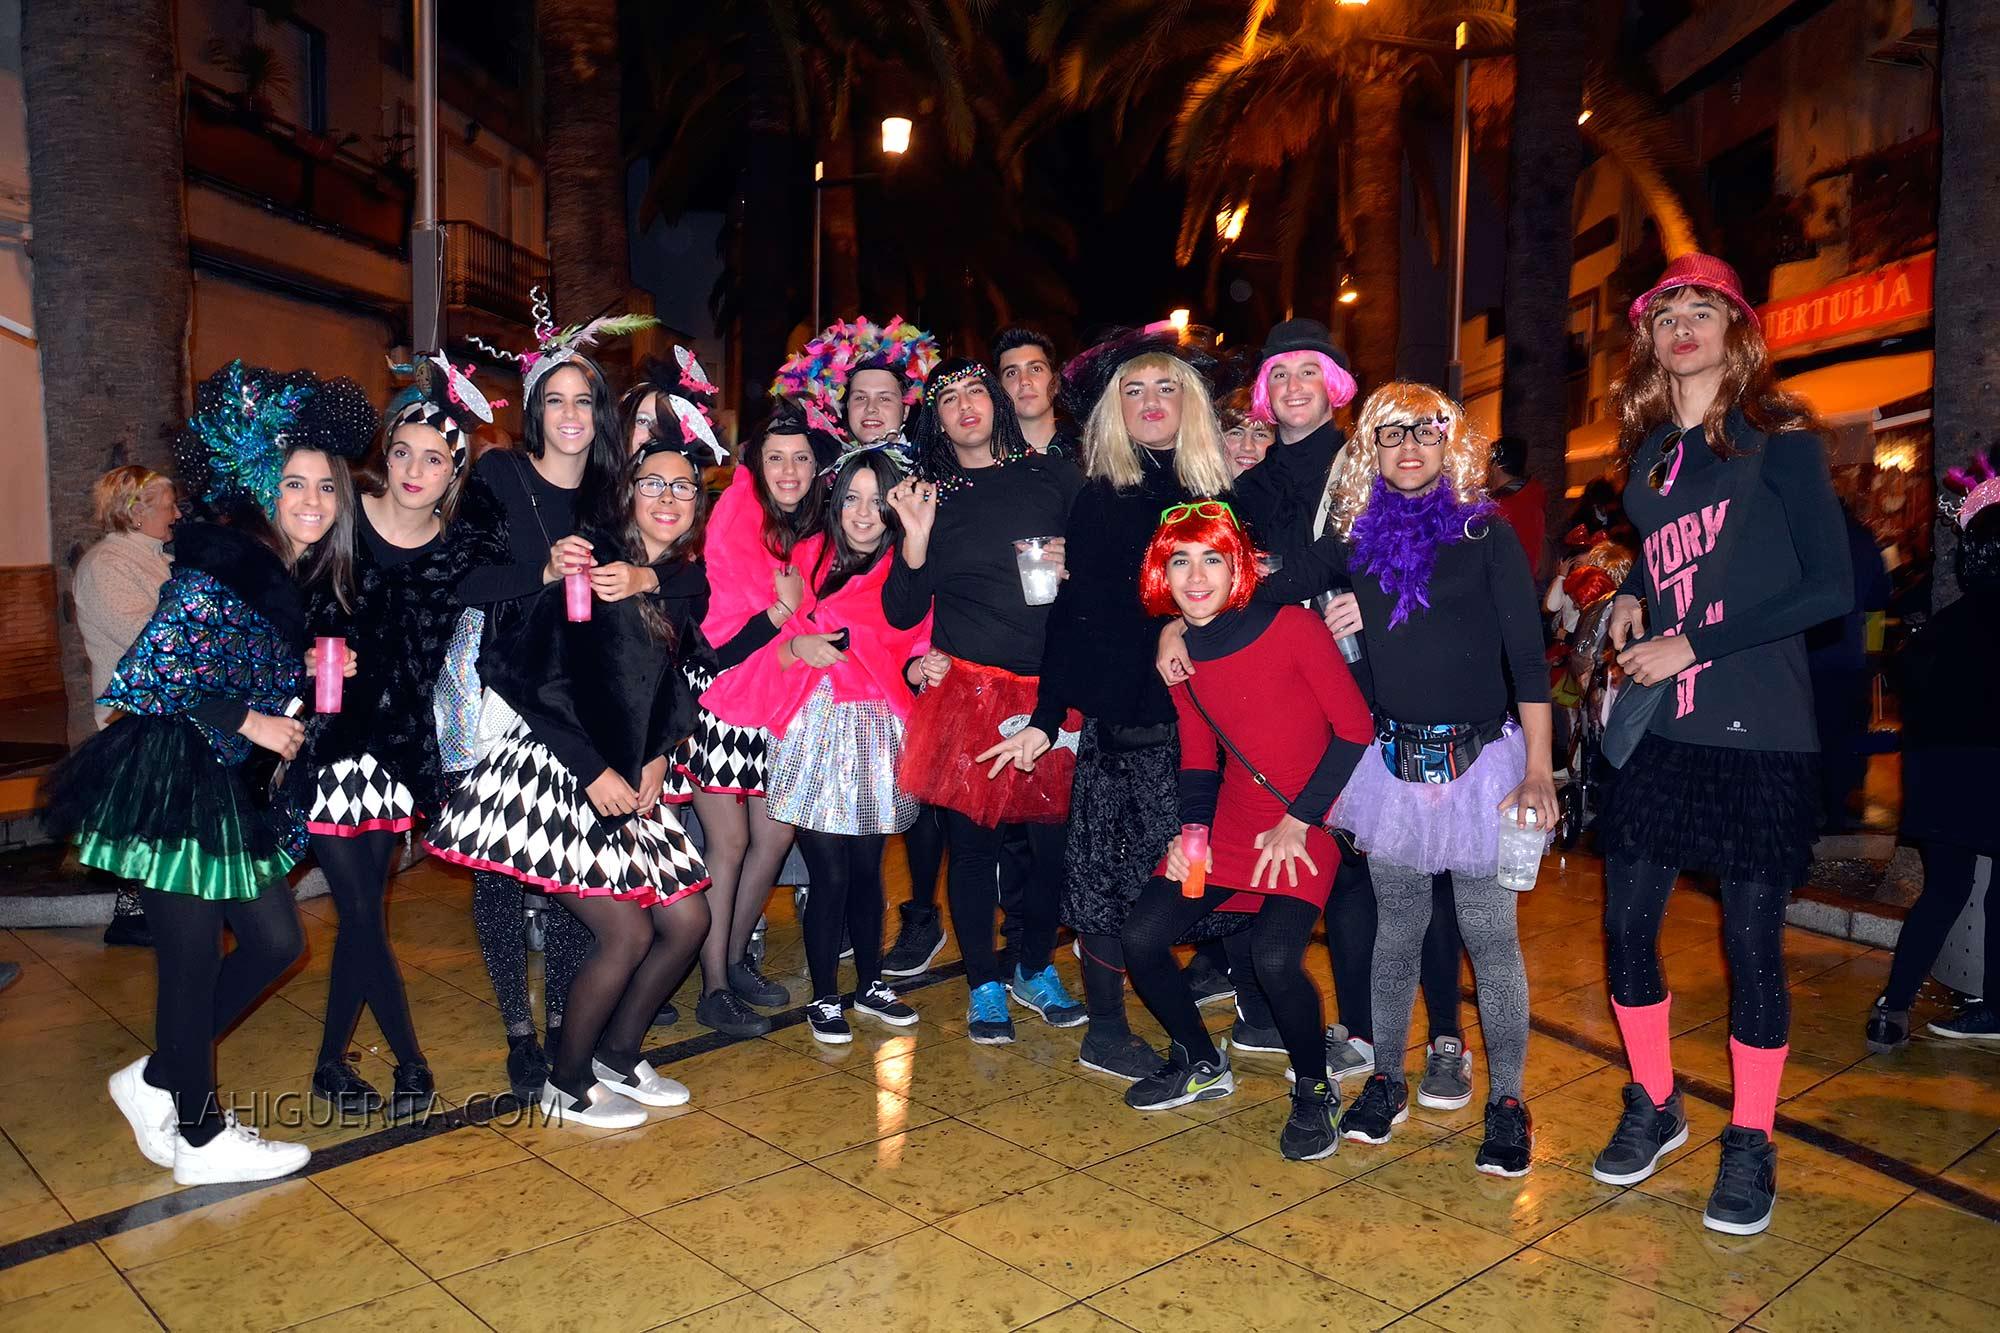 Entierro de la sardina carnaval isla cristina _DSC2130